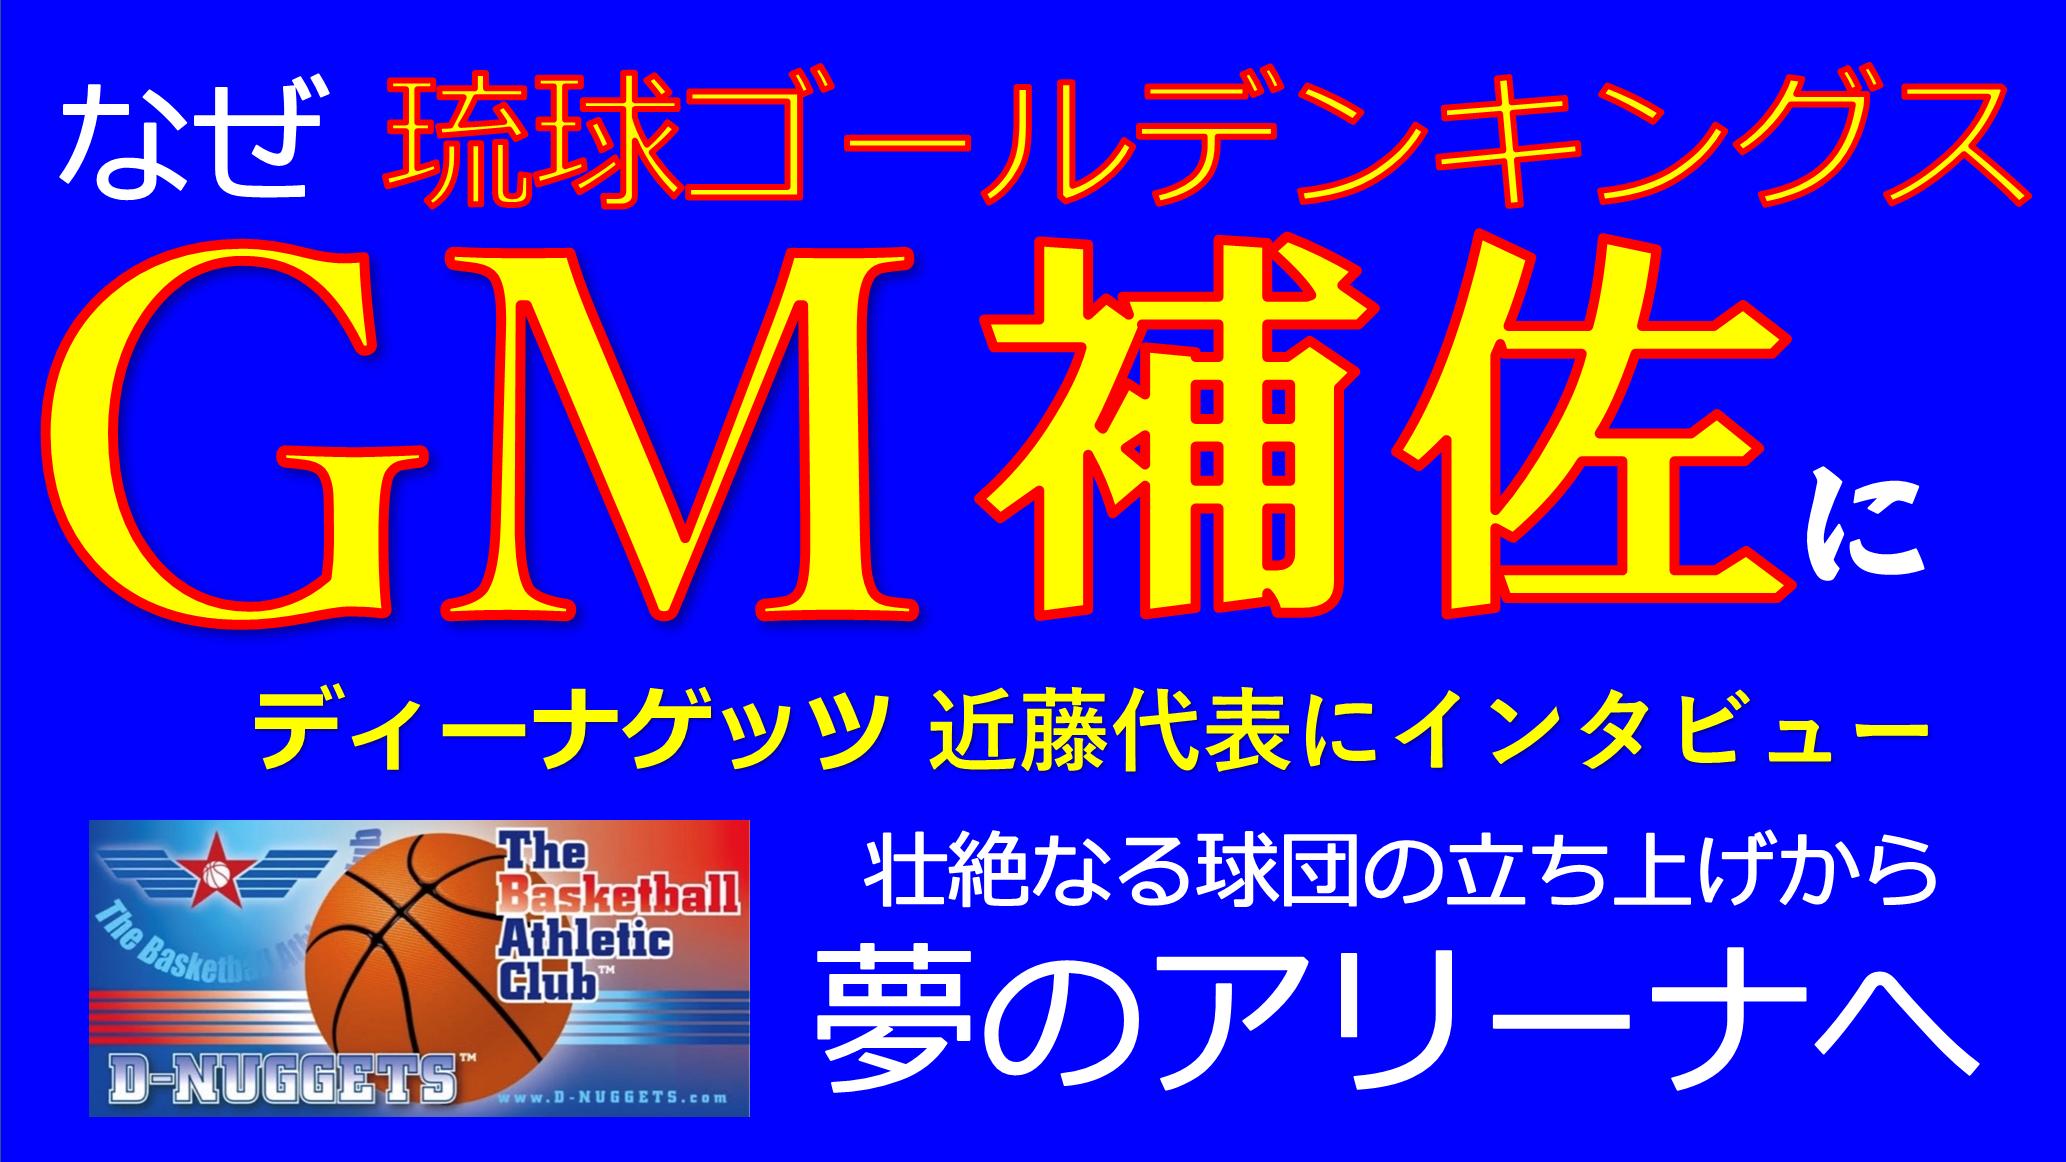 『第1回 バスケットボールビジネスミーティング沖縄』開催概要発表